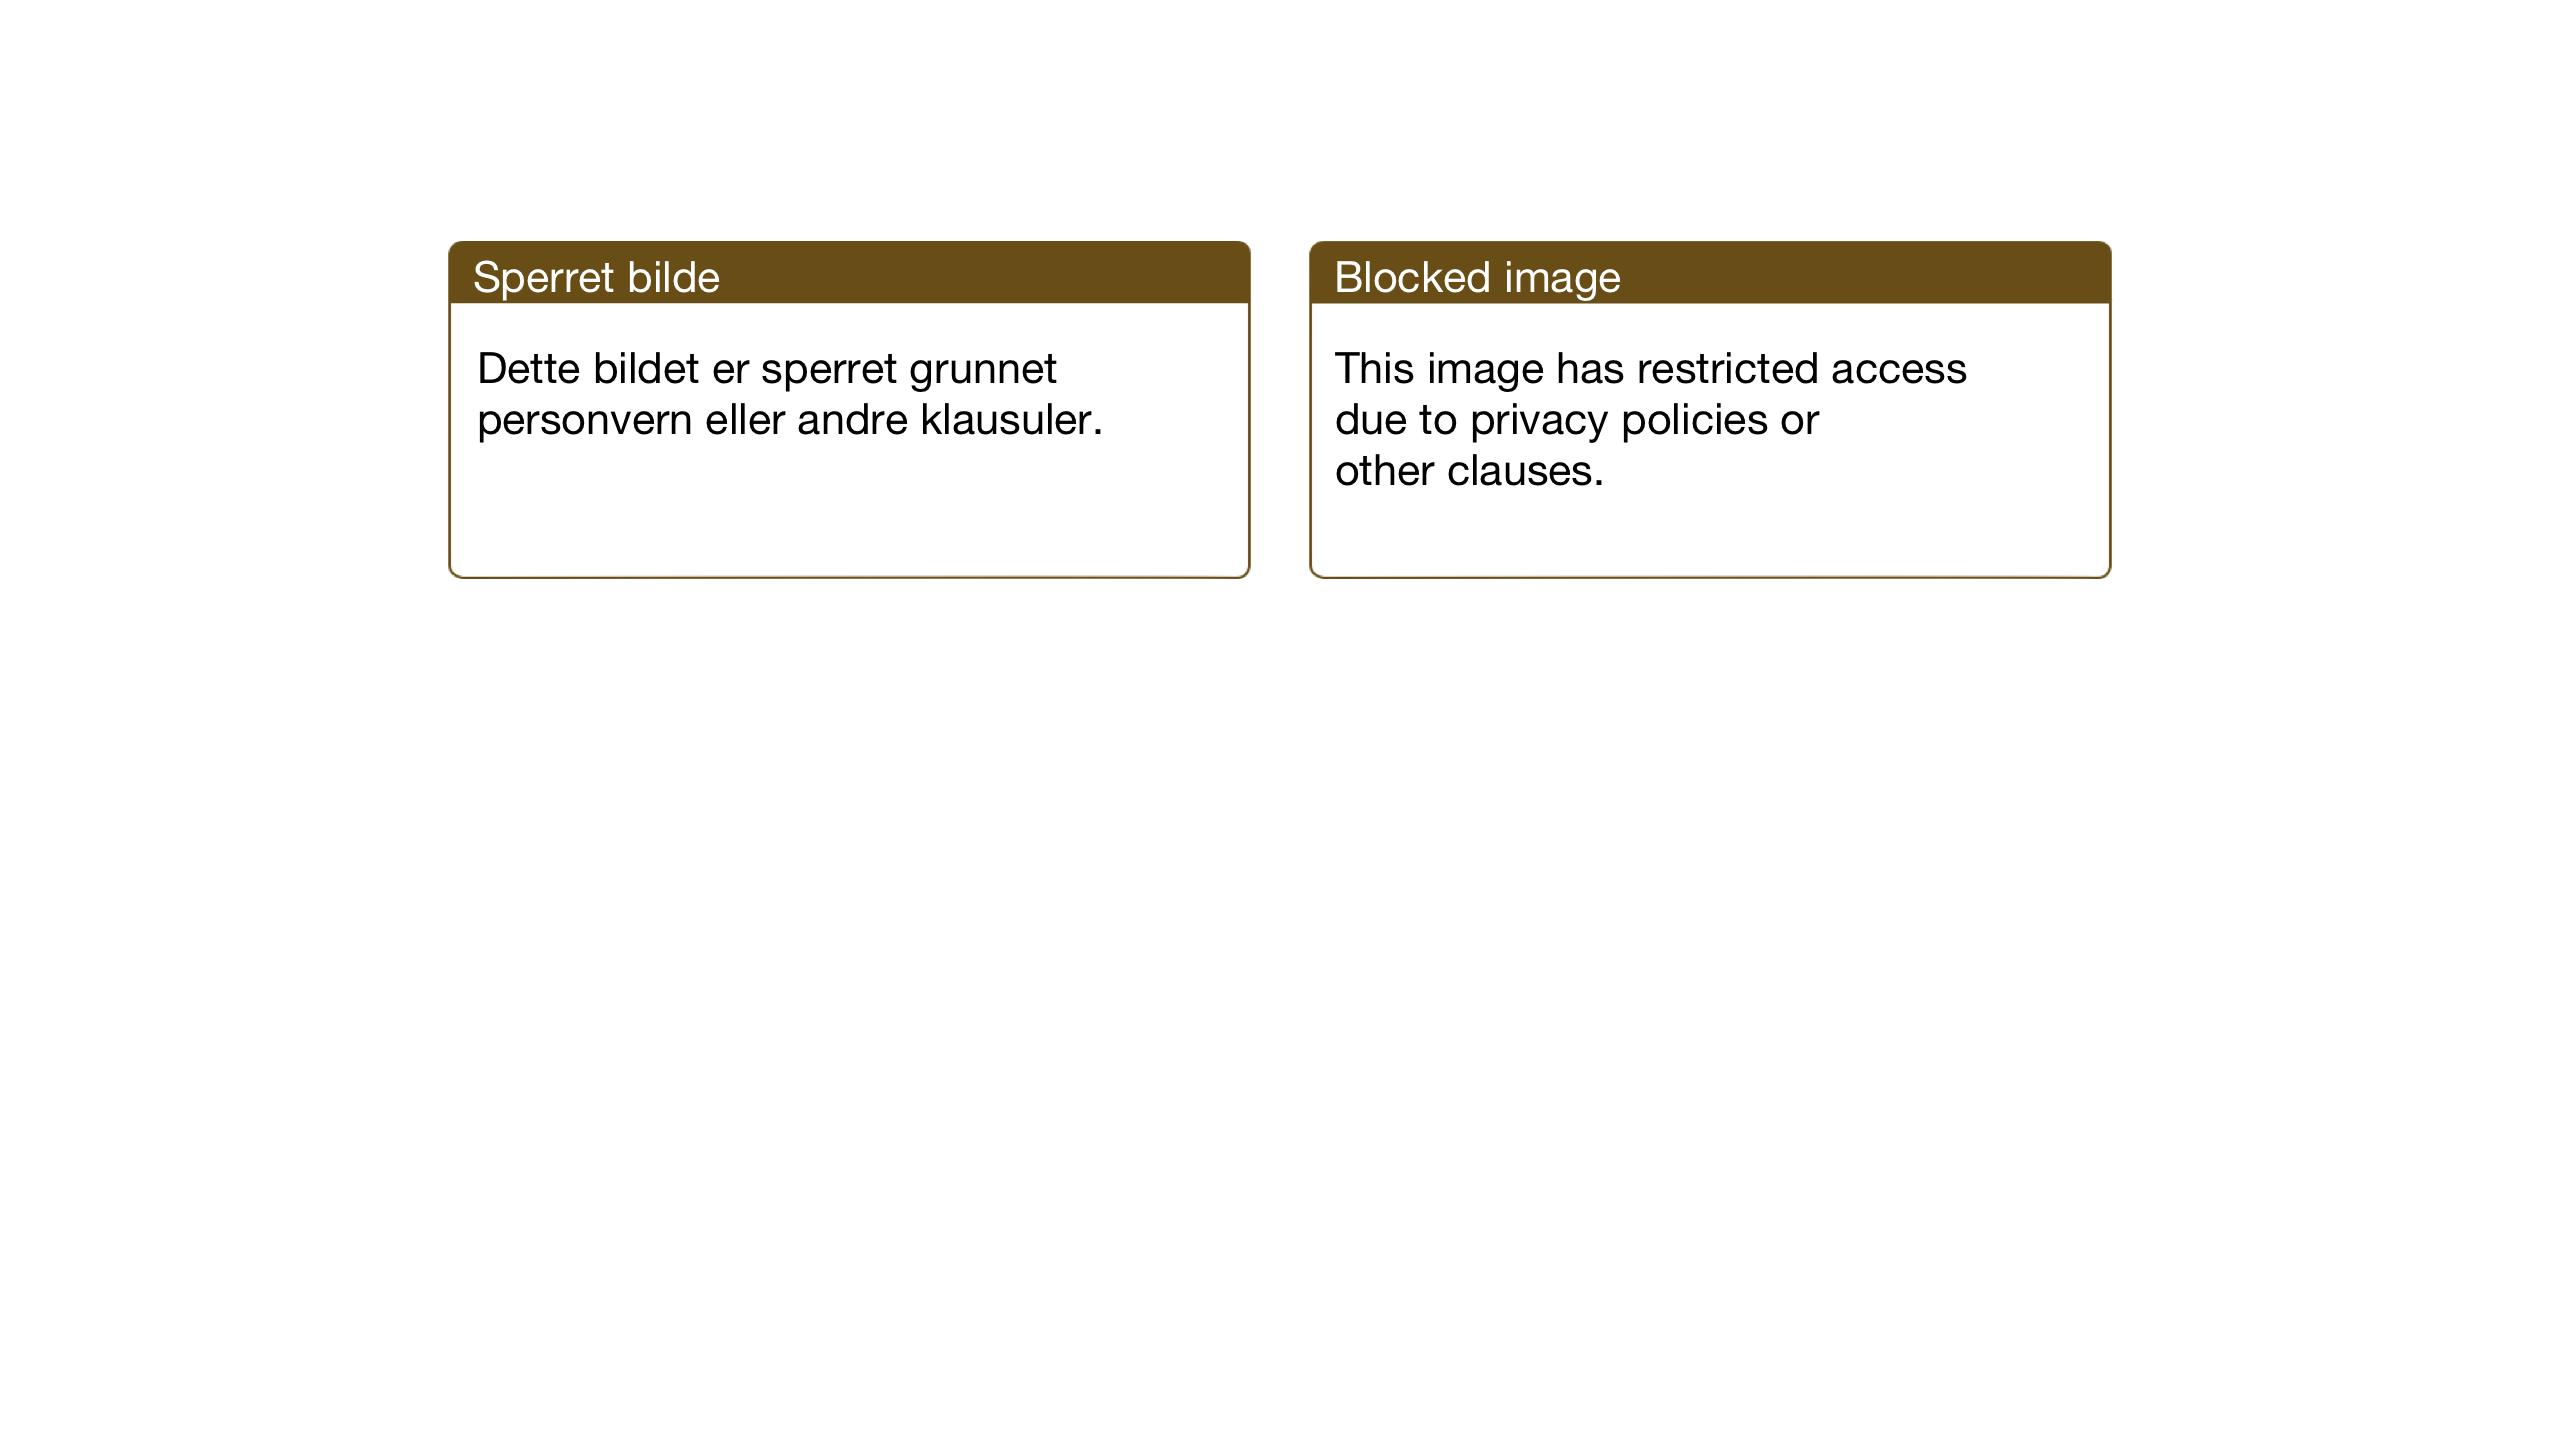 SAT, Ministerialprotokoller, klokkerbøker og fødselsregistre - Sør-Trøndelag, 640/L0590: Klokkerbok nr. 640C07, 1935-1948, s. 213